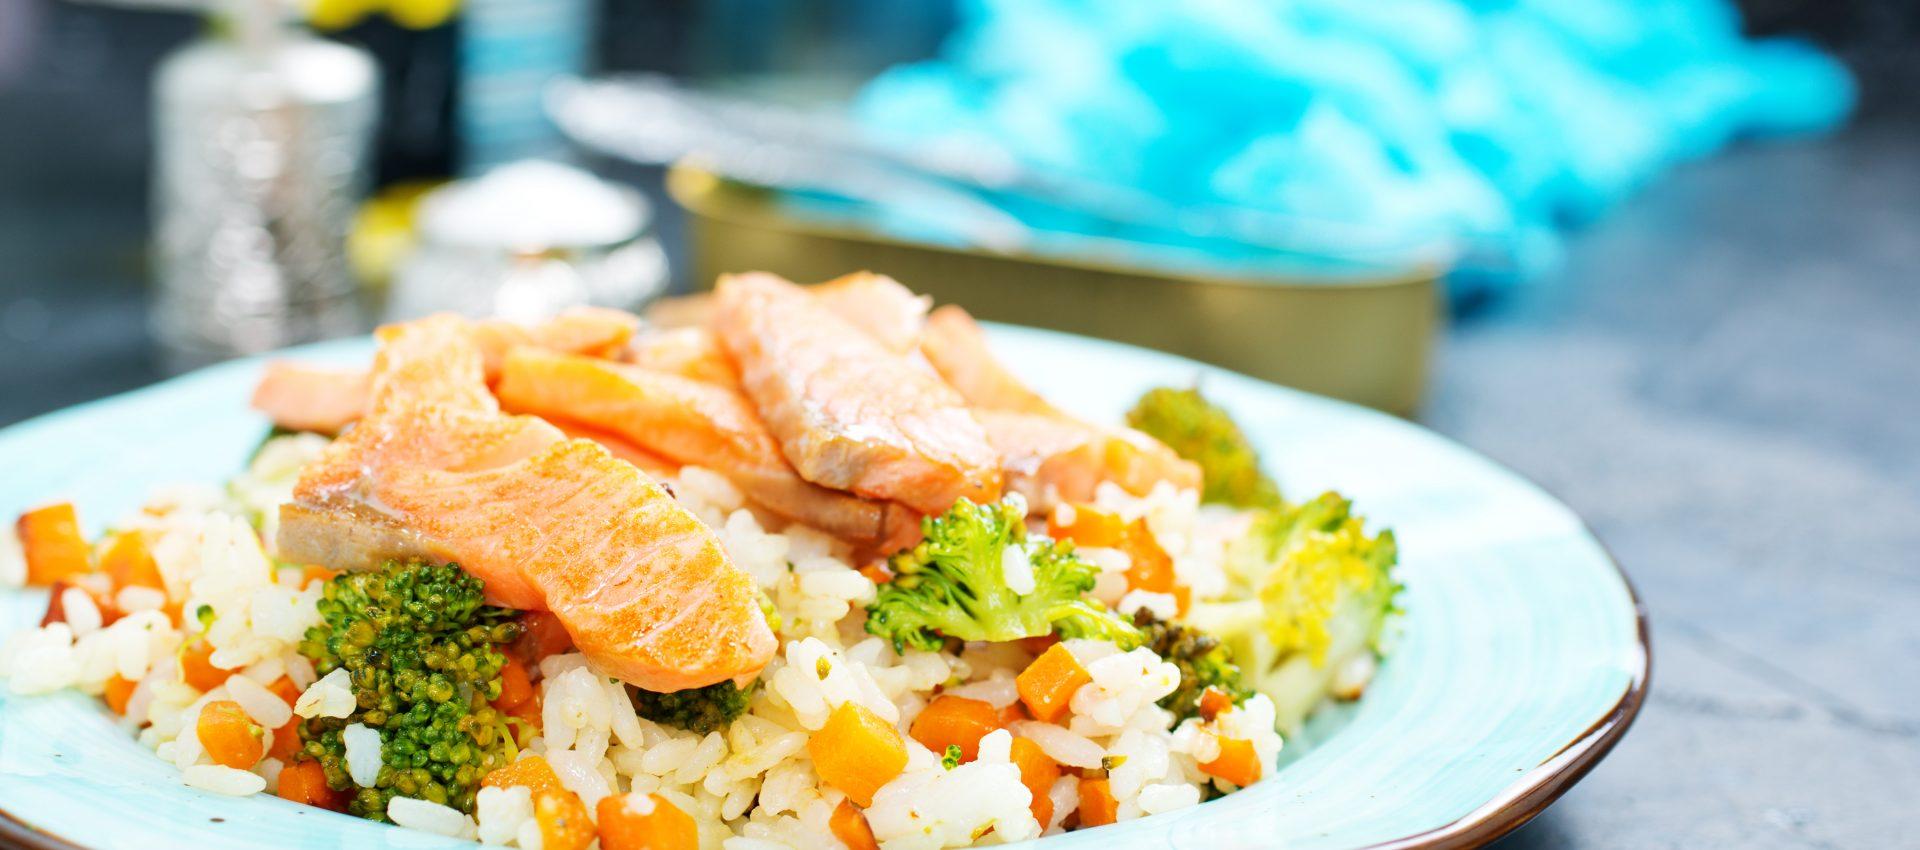 Filet de saumon au riz et légumes au cookeo